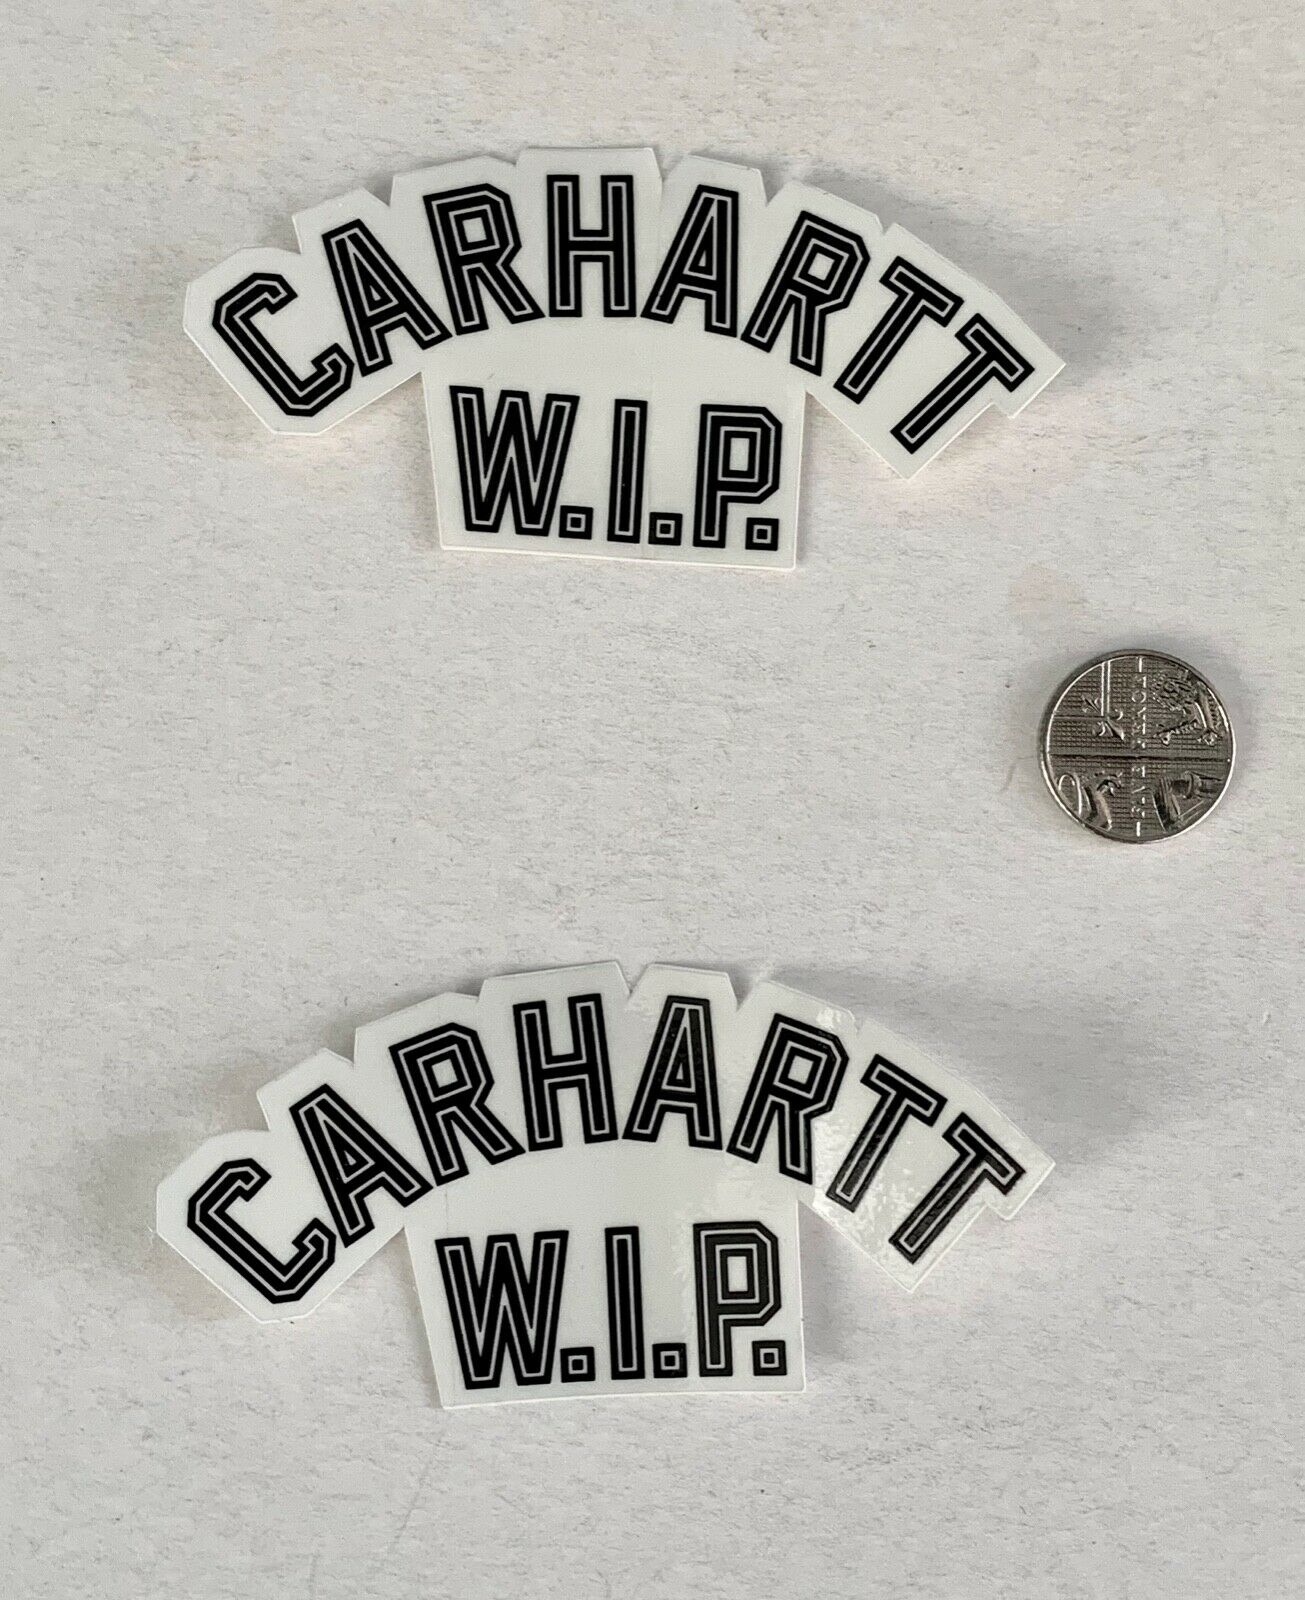 CARHARTT WIP STICKER SET X 2, Black